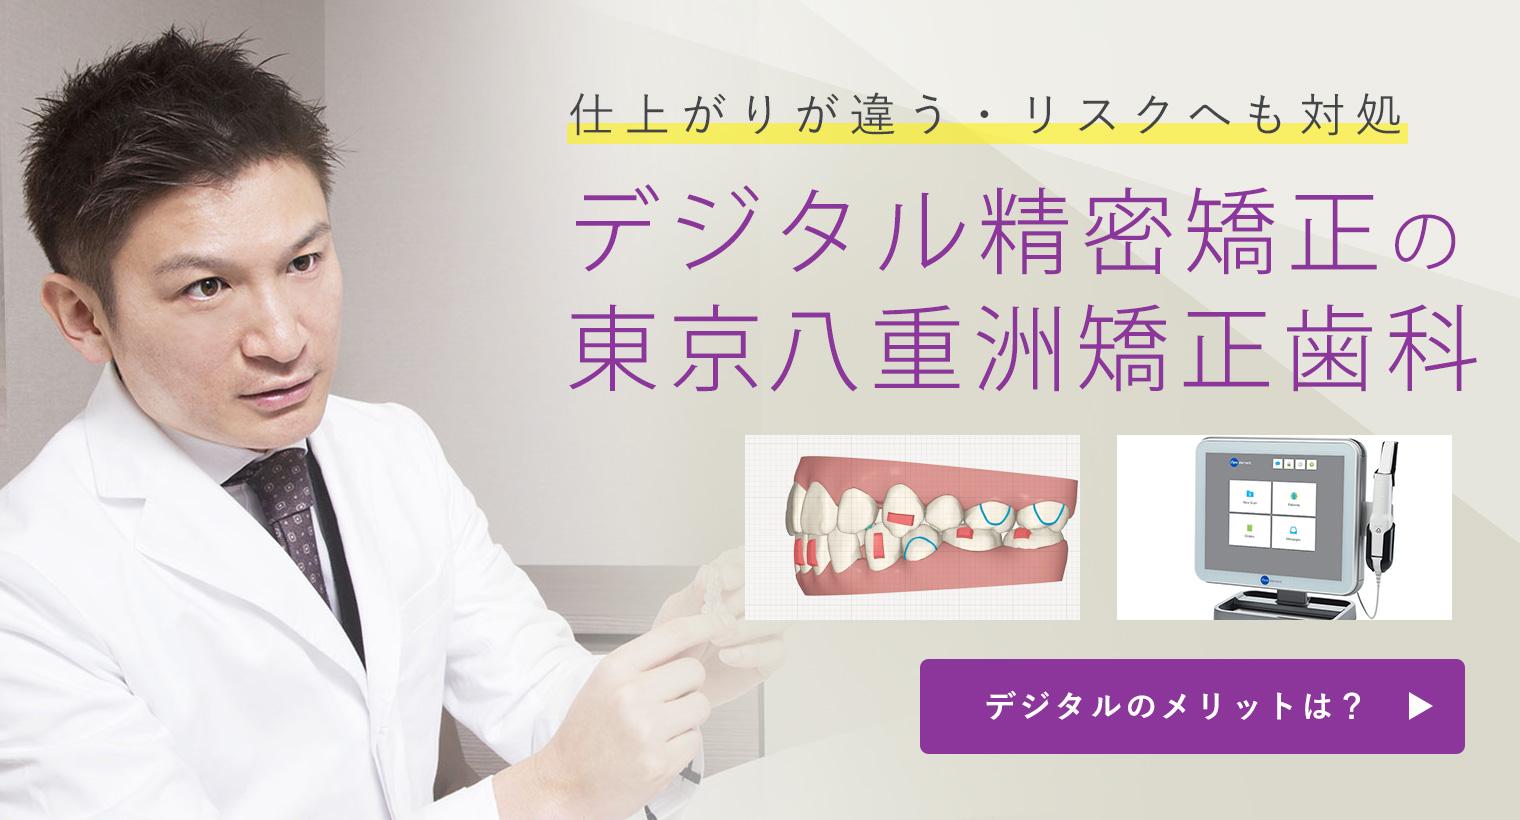 東京八重洲矯正歯科 デジタル精密矯正のメリットとは?